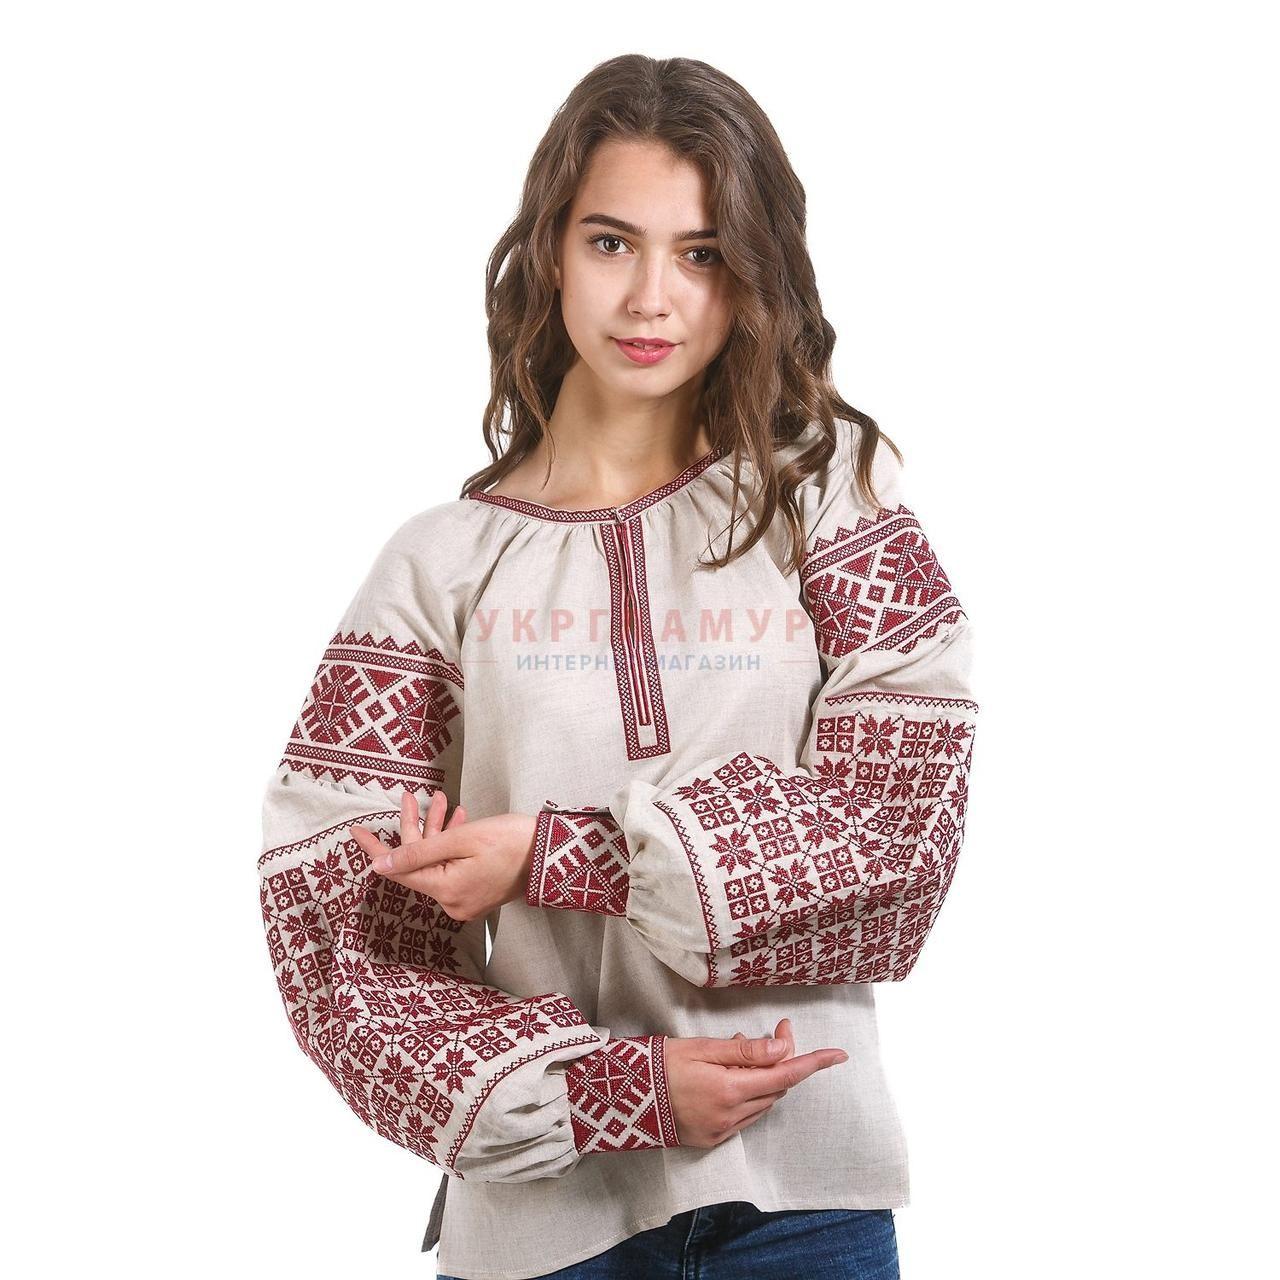 48b977f31b59fa9 Купить Женская серая вышитая рубашка с красным орнаментом в Киеве, цена,  отзывы | Вышиванко